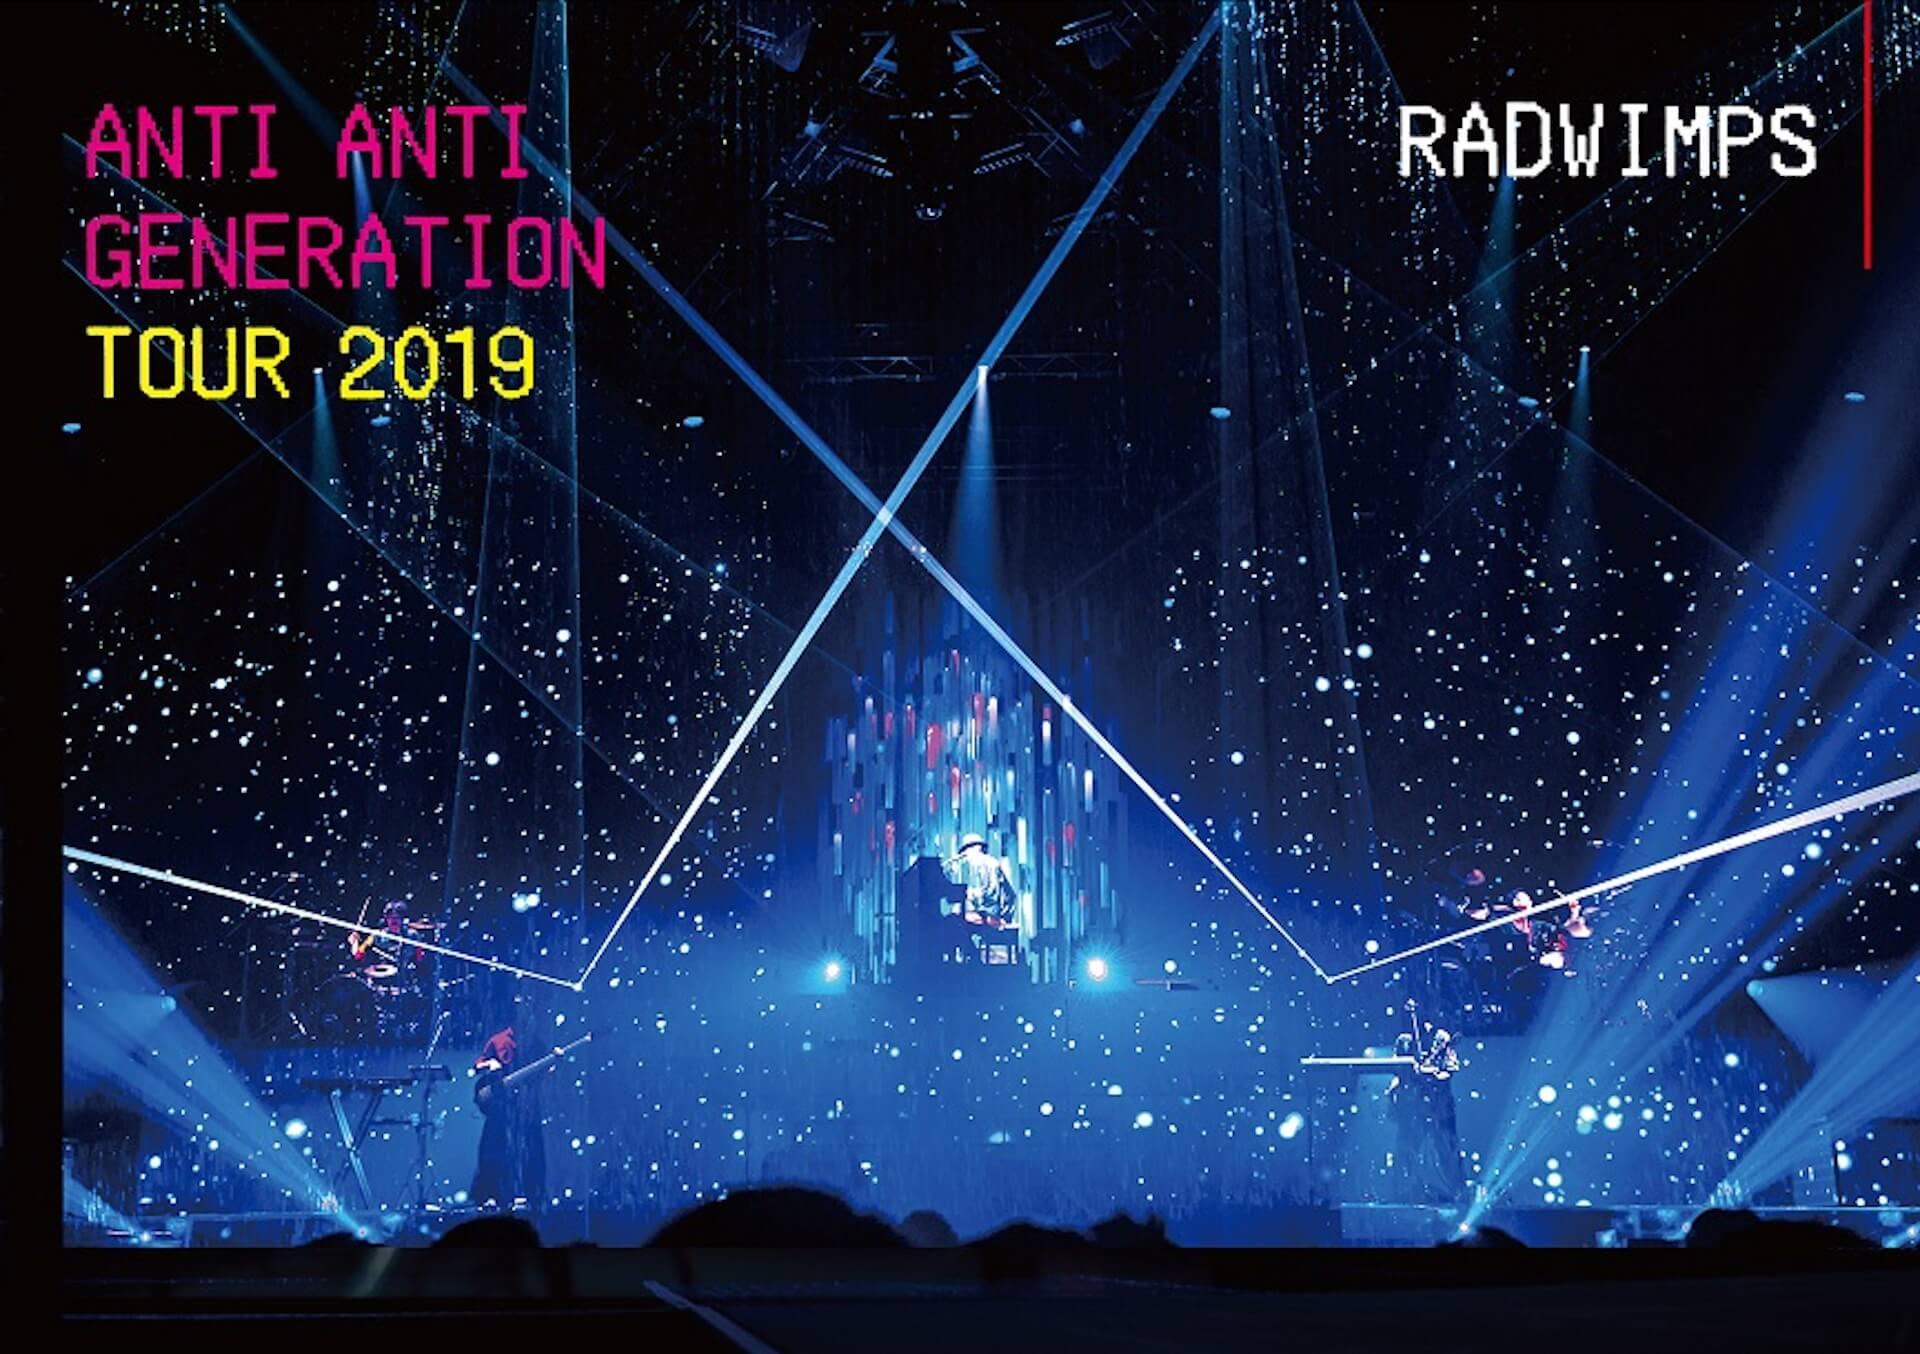 RADWIMPS『ANTI ANTI GENERATION TOUR 2019』の多幸感あふれるジャケットビジュアル&トレーラーがついに解禁! music200218_radwimps_dvd_1